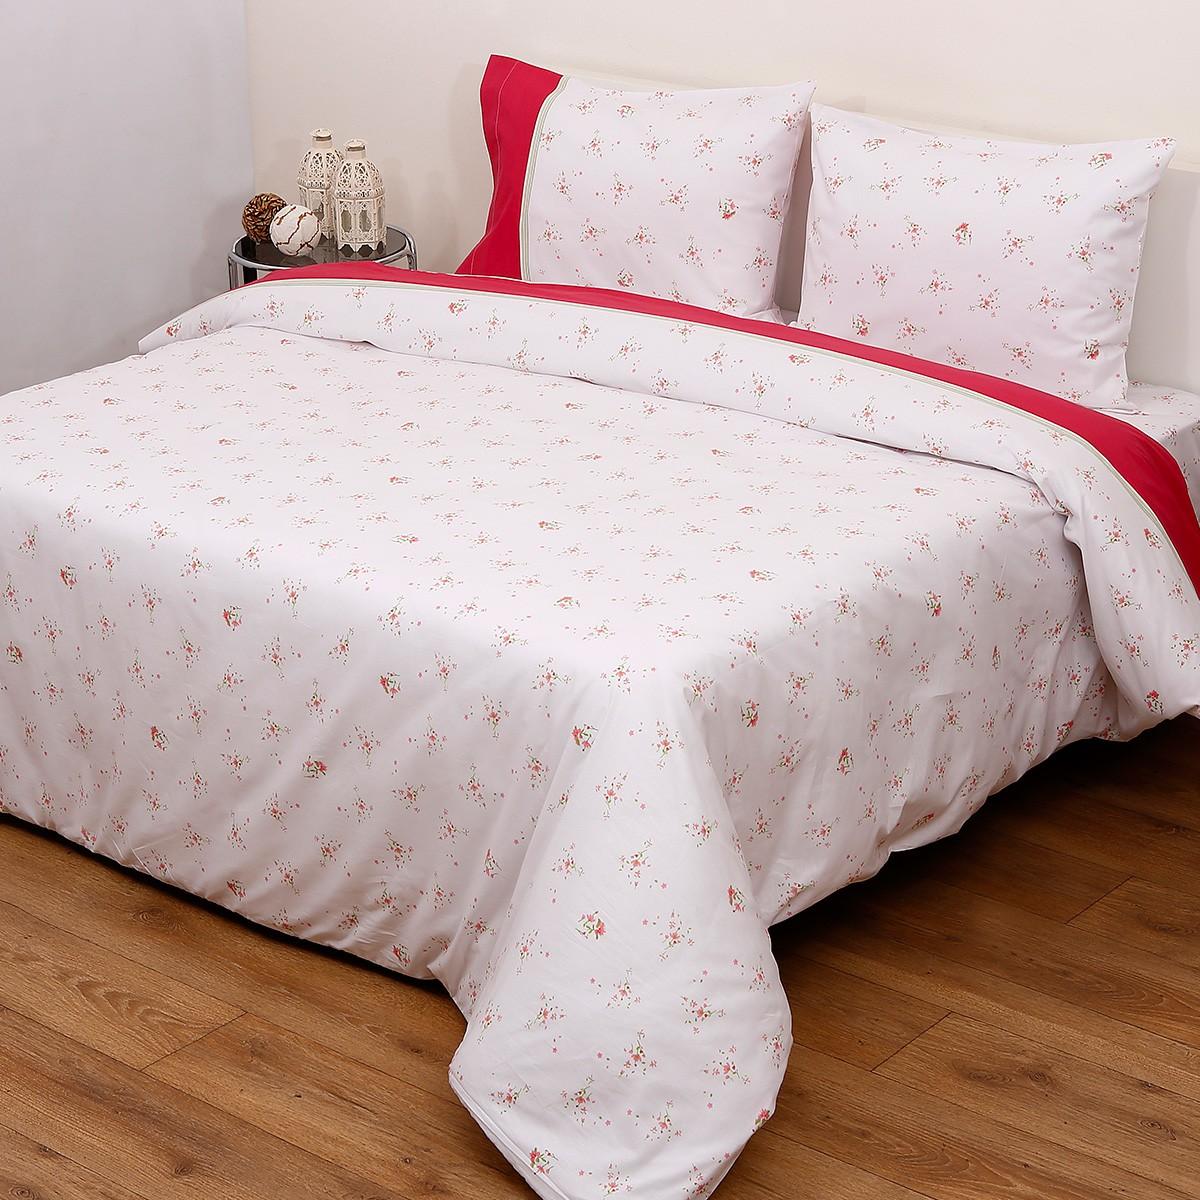 Σεντόνια Ημίδιπλα (Σετ) Viopros Fresh Μιλένα home   κρεβατοκάμαρα   σεντόνια   σεντόνια ημίδιπλα   διπλά